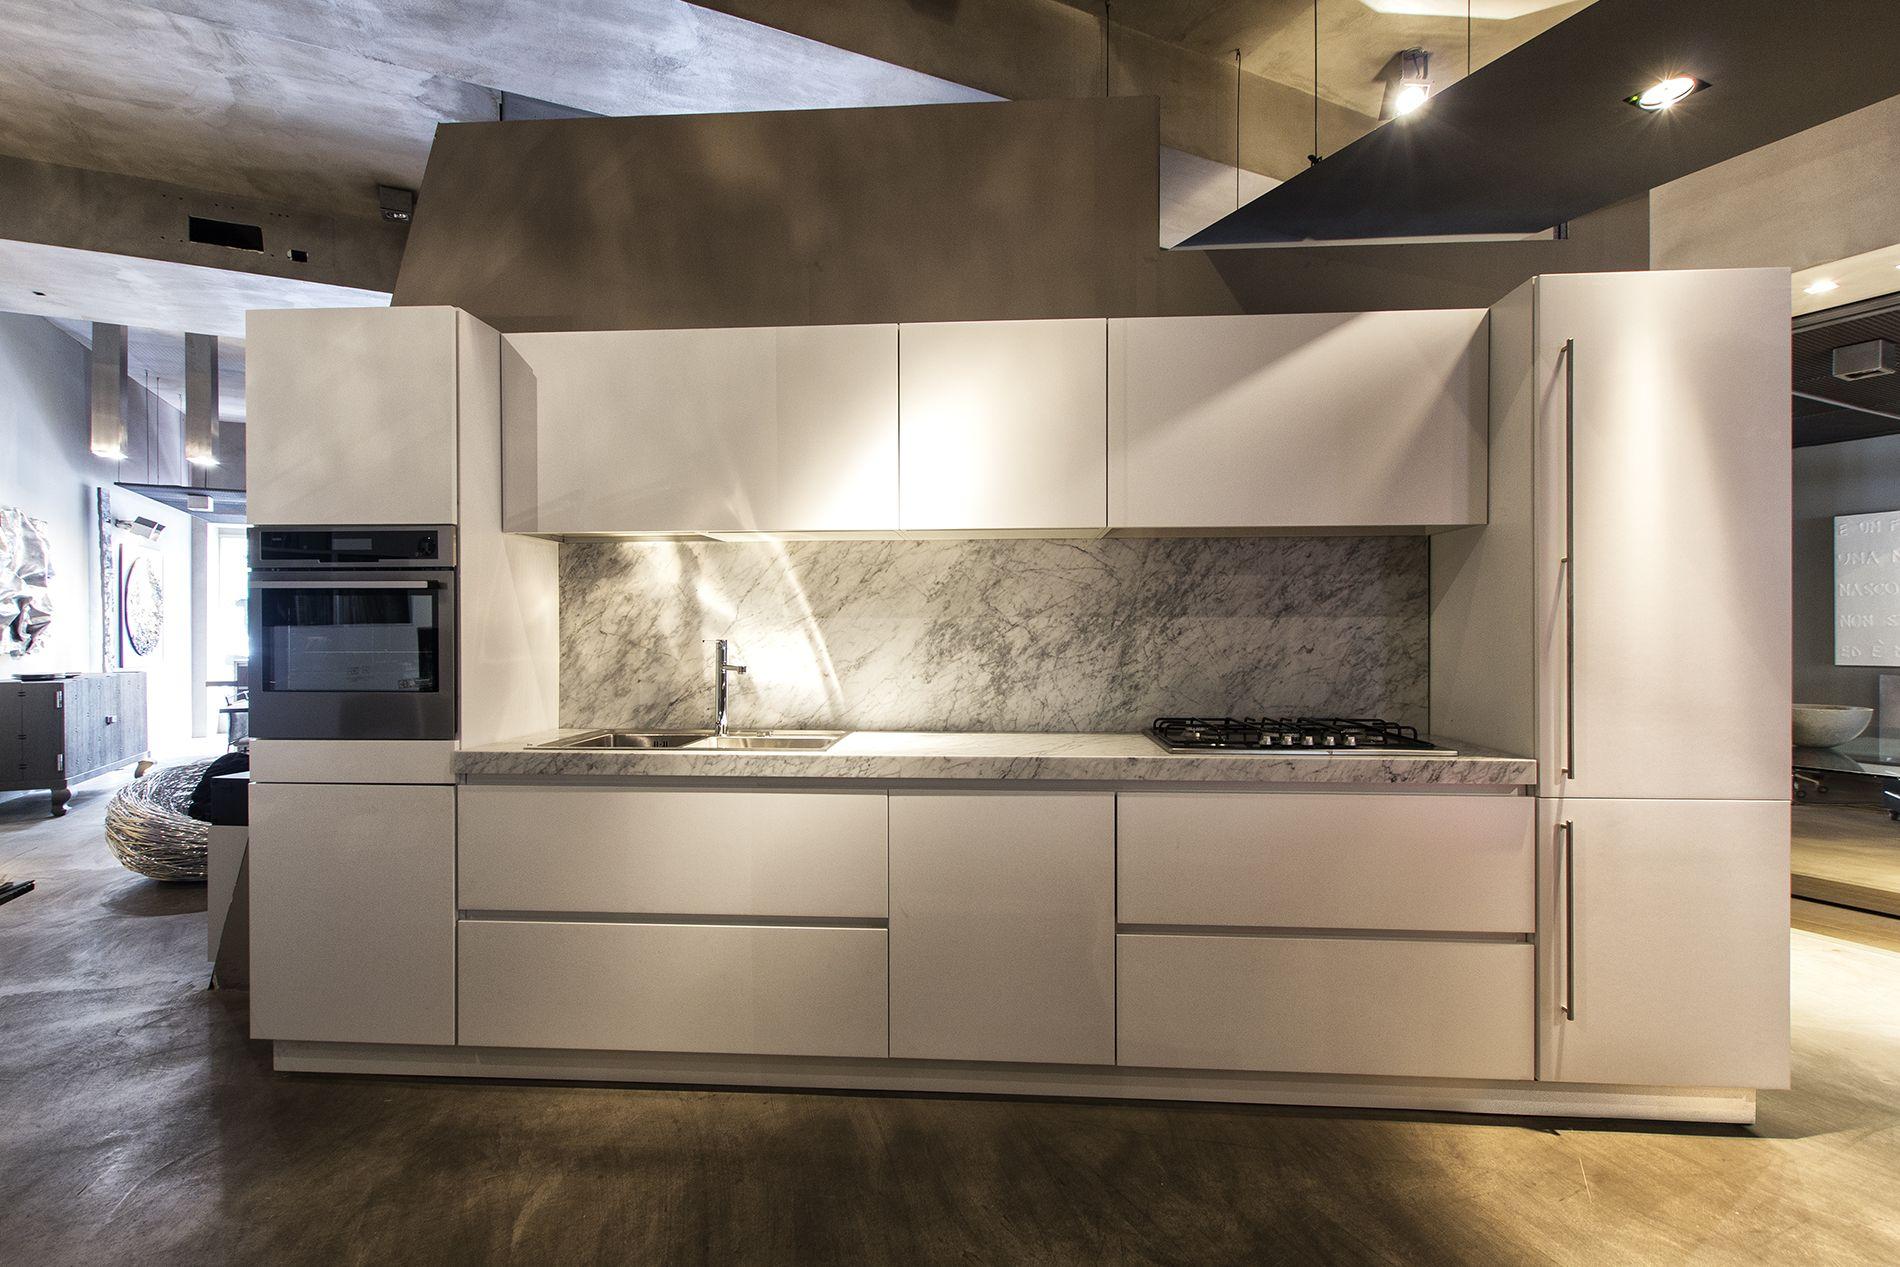 Cucina Con Top In Marmo Di Carrara Finitura Abs Opaco Bianco Lunghezza M 3 90 Completa Di Tutti Gli Elettrodomestici In Espos Kitchen Design Design Kitchen